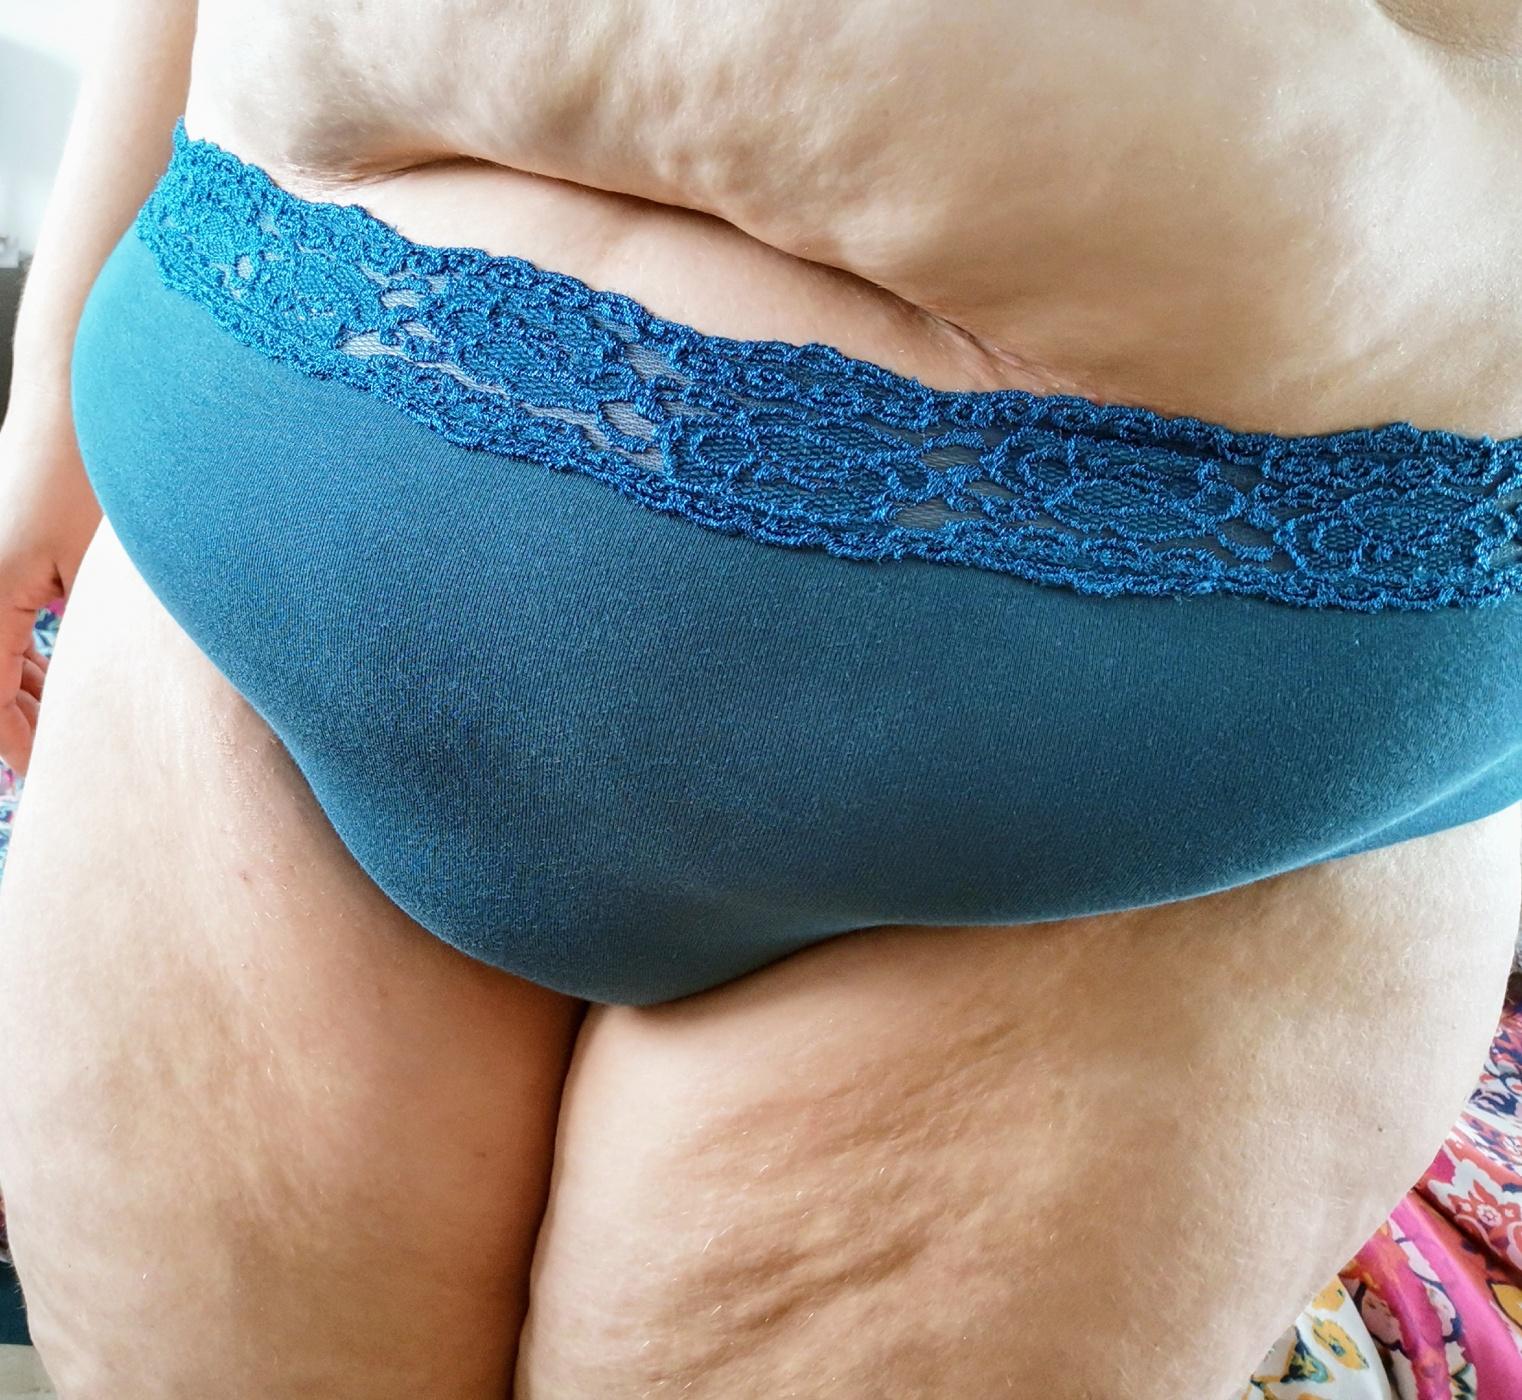 BBW juicy panties